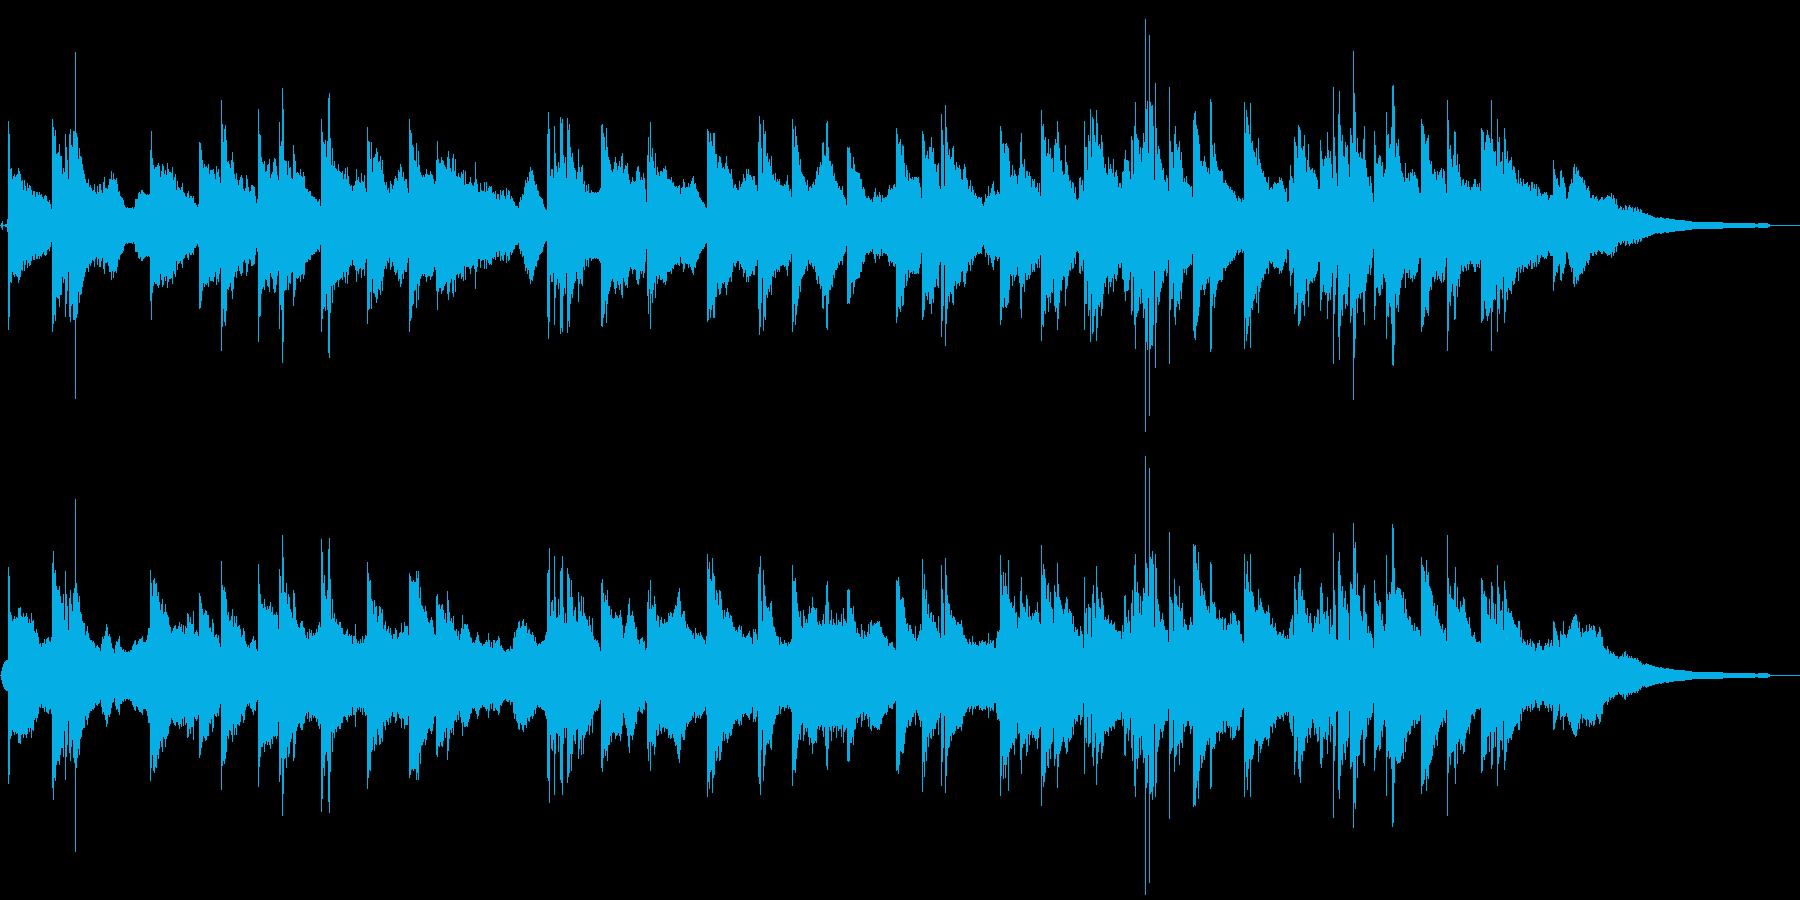 エスニックで浮遊感のあるアンビエントの再生済みの波形